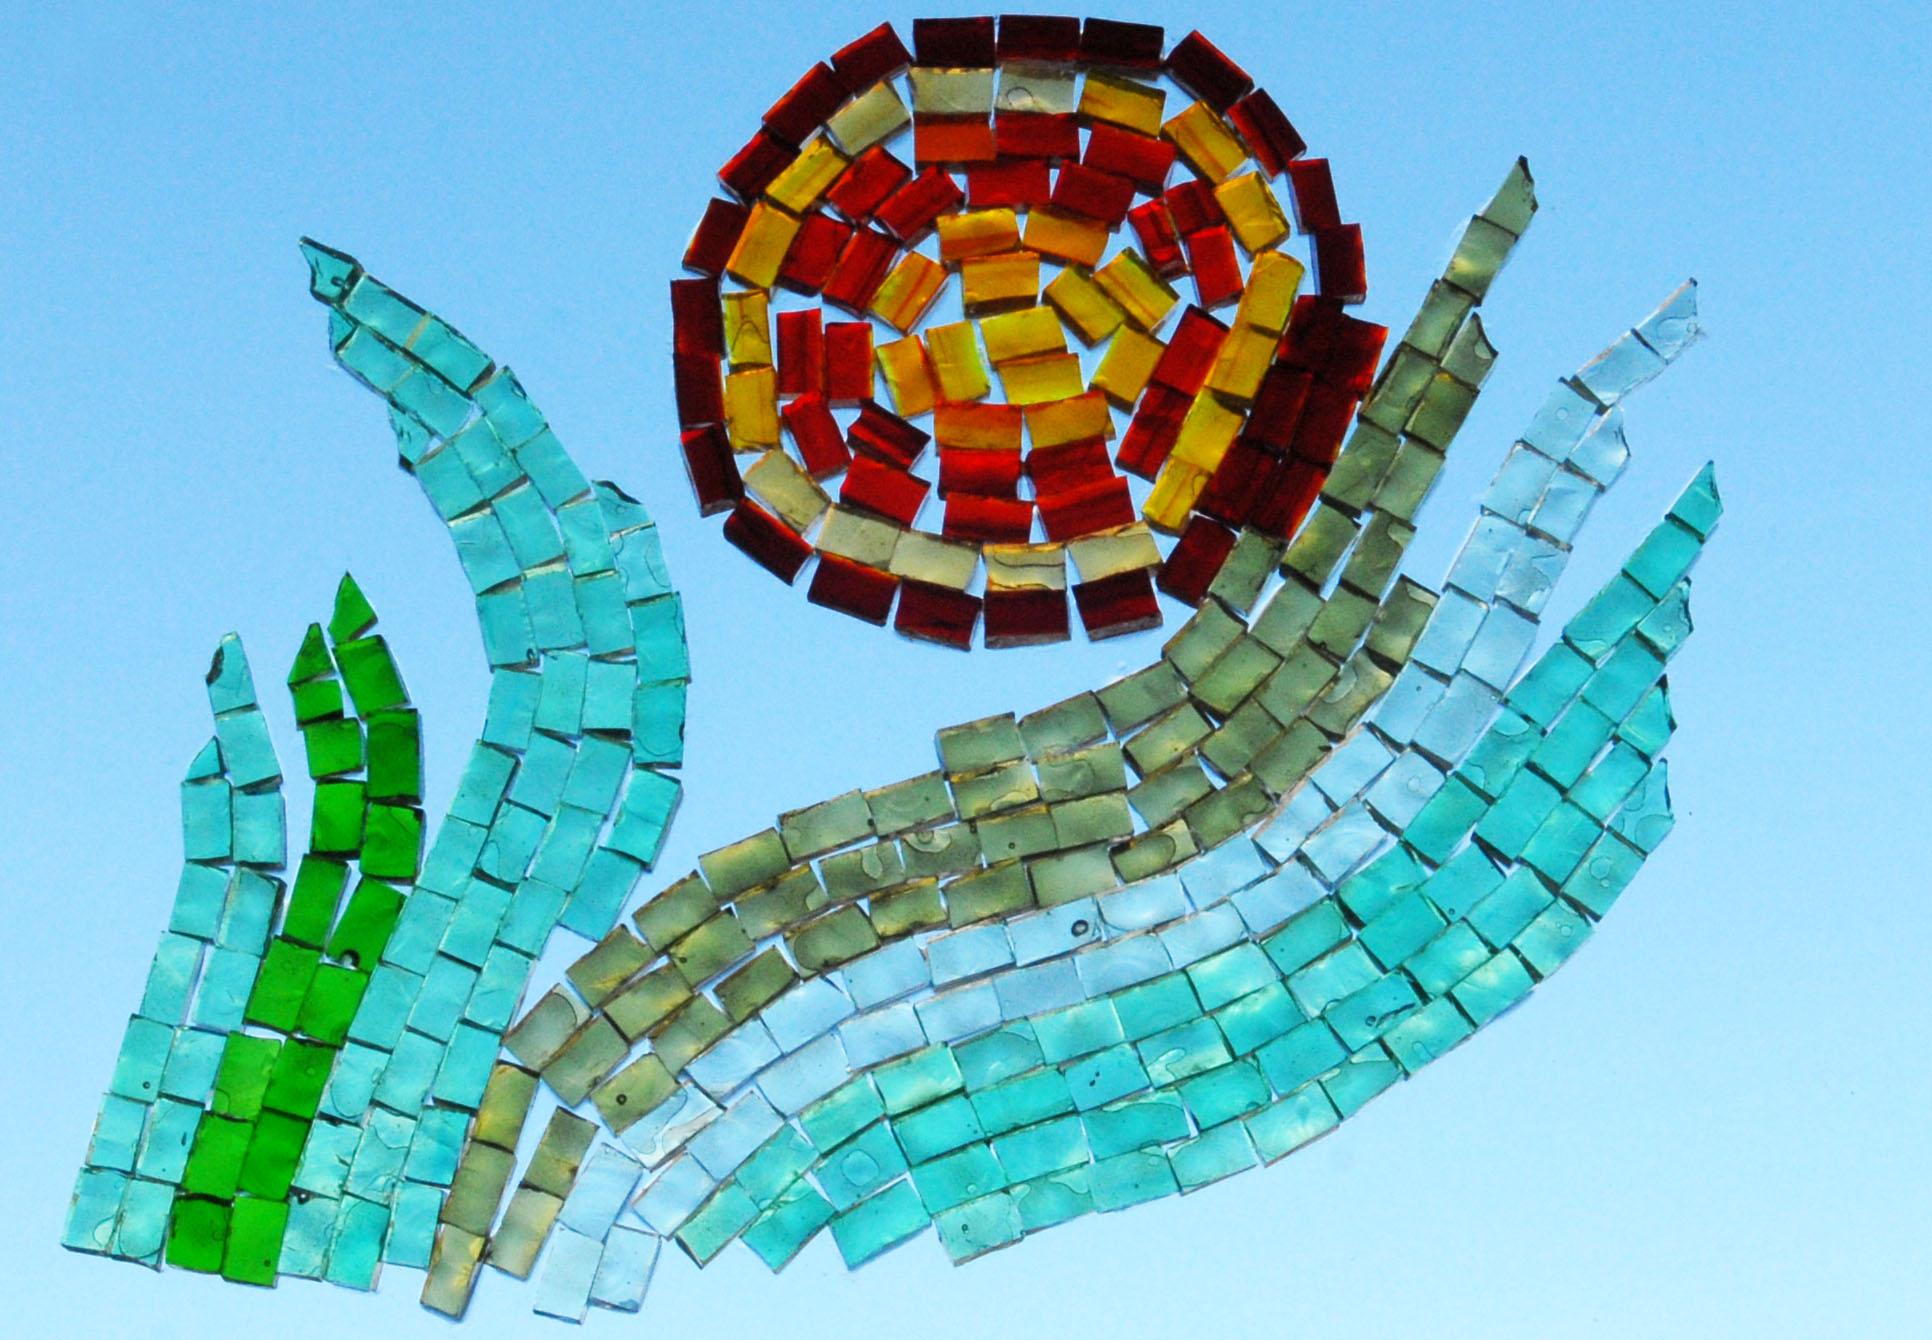 Flower, transparent glass mosaics